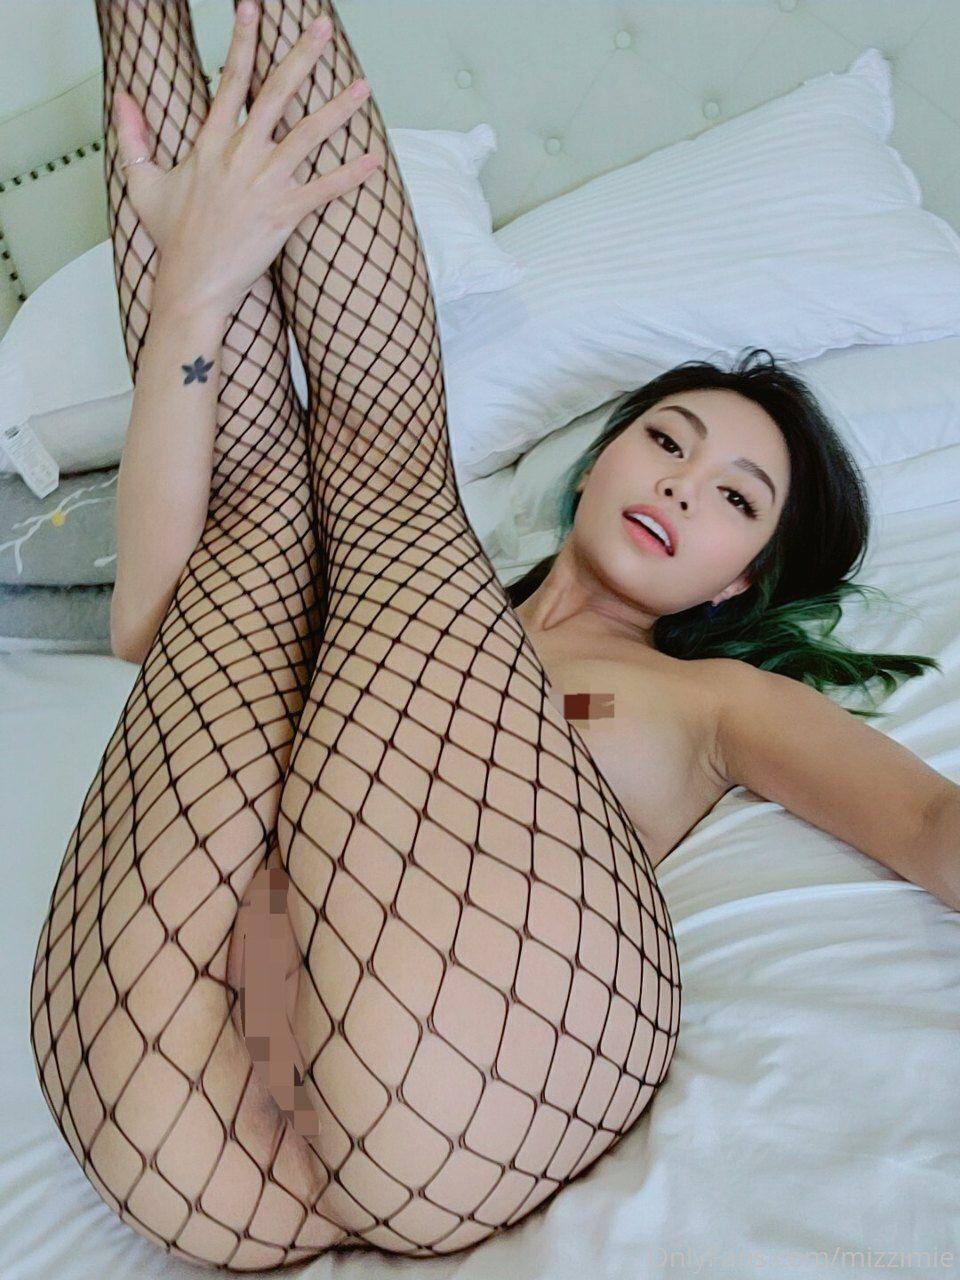 Mizzi Mie Nude Photos 0053